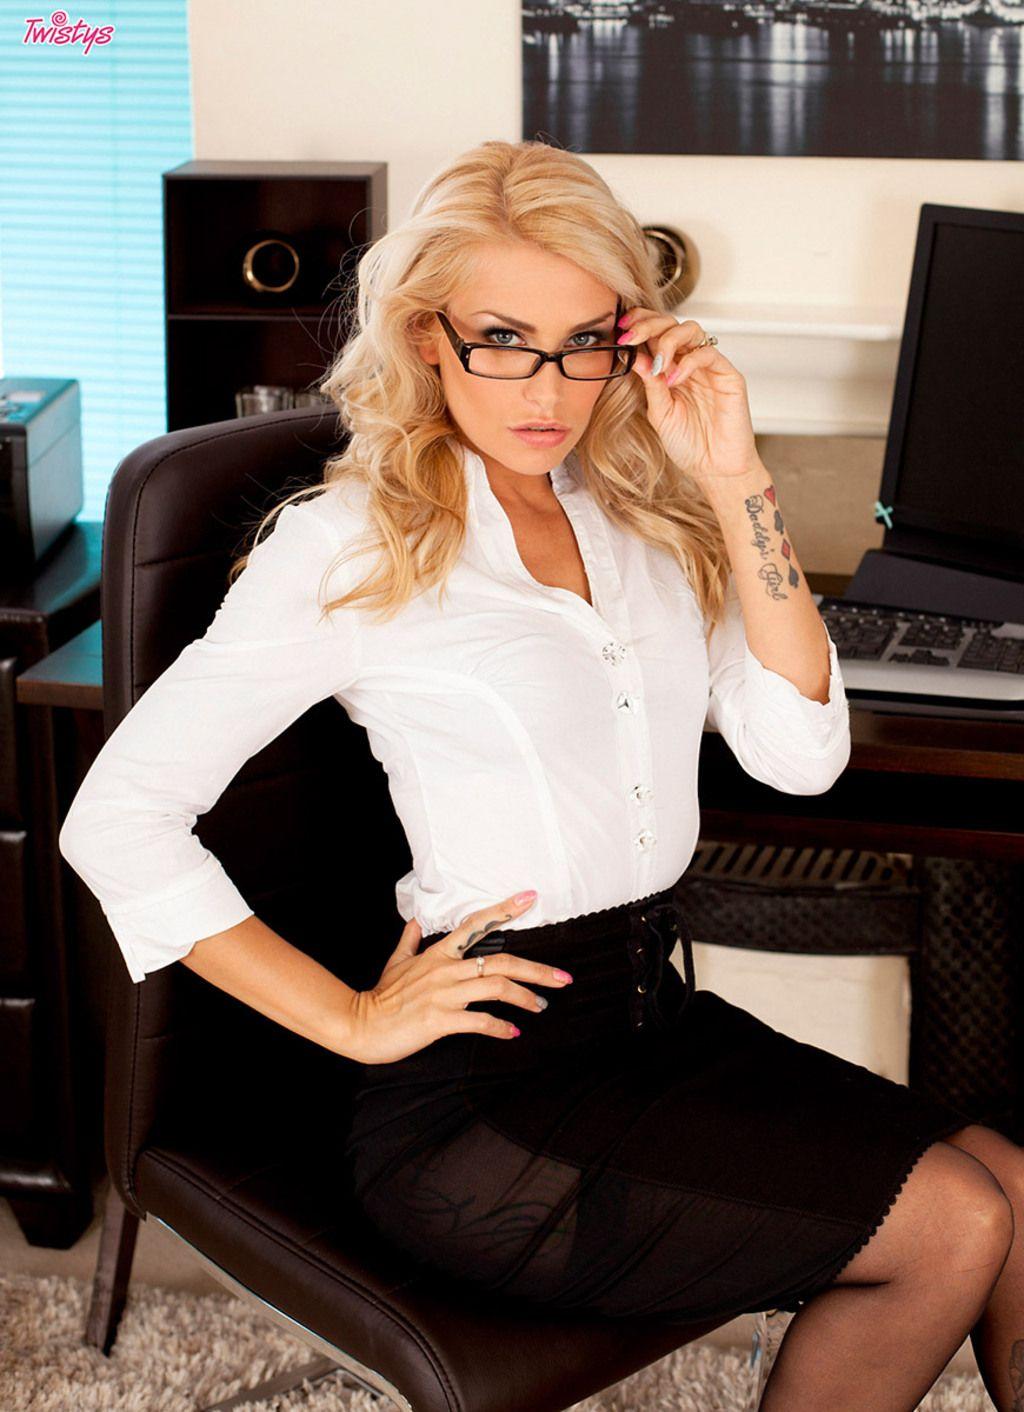 фото красивых девушек блондинок в офисе это